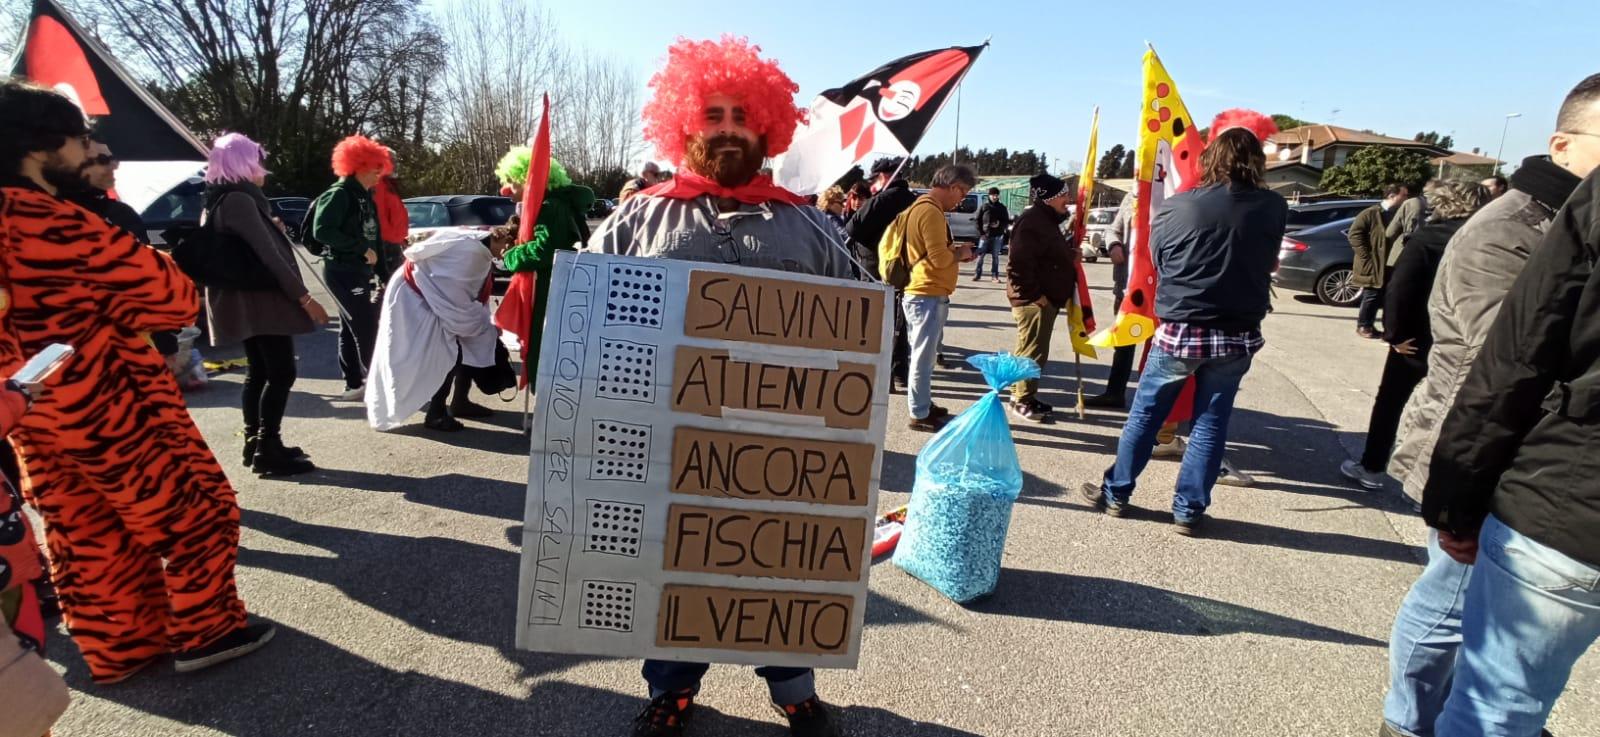 Colorati, in maschera e con gli striscioni: la contestazione a Salvini va in scena in Cittadella